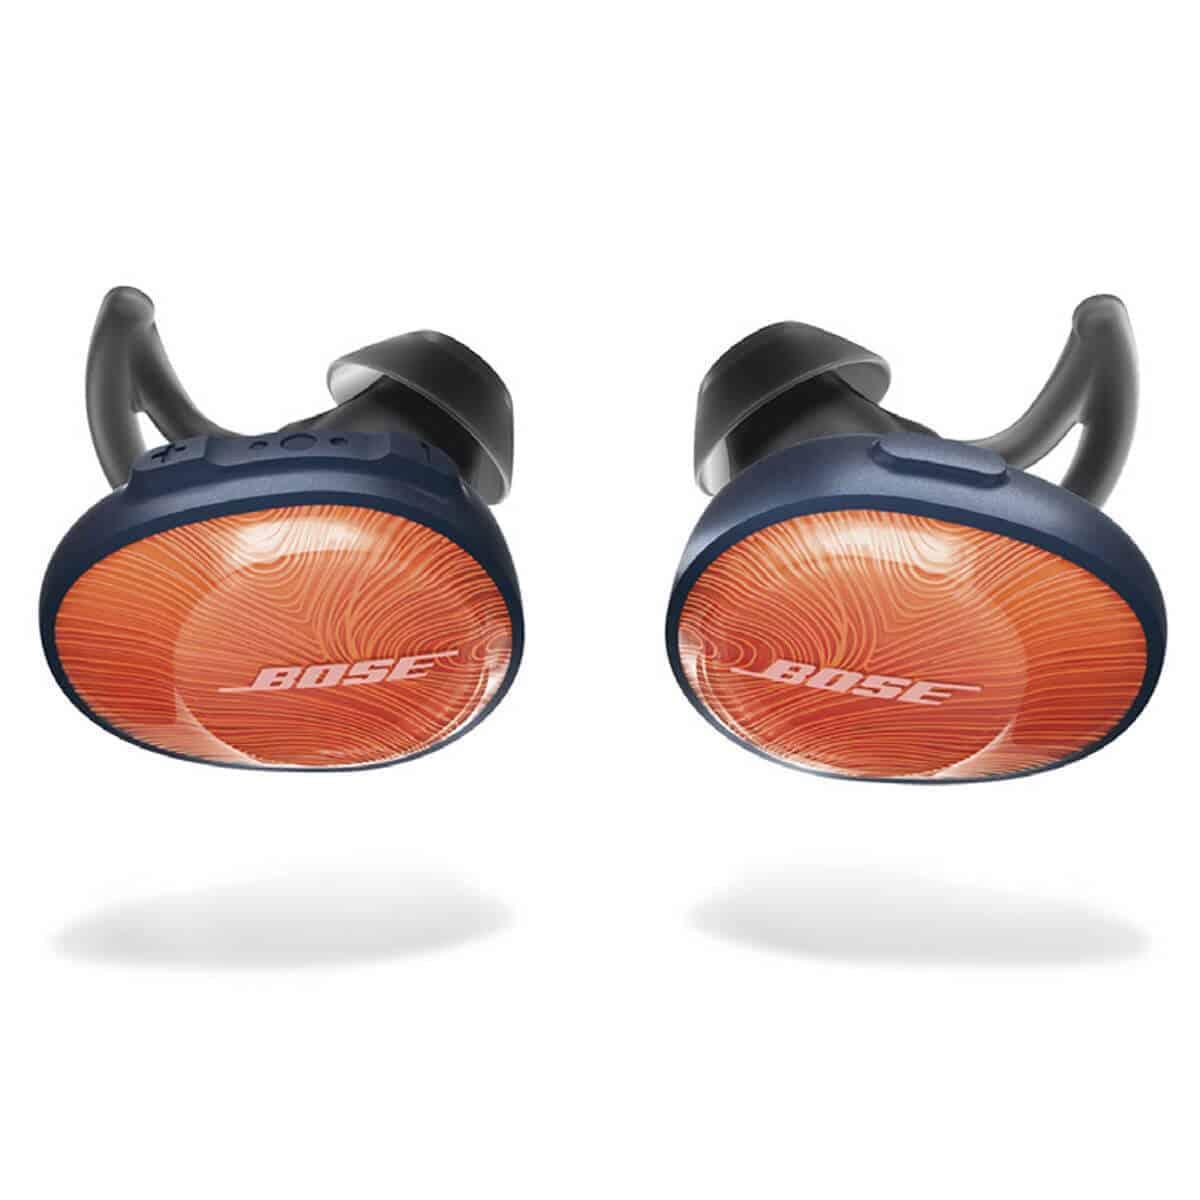 真無線藍芽耳機你了解多少?看這篇就夠了!2019 每週更新-TechTeller (科技說)